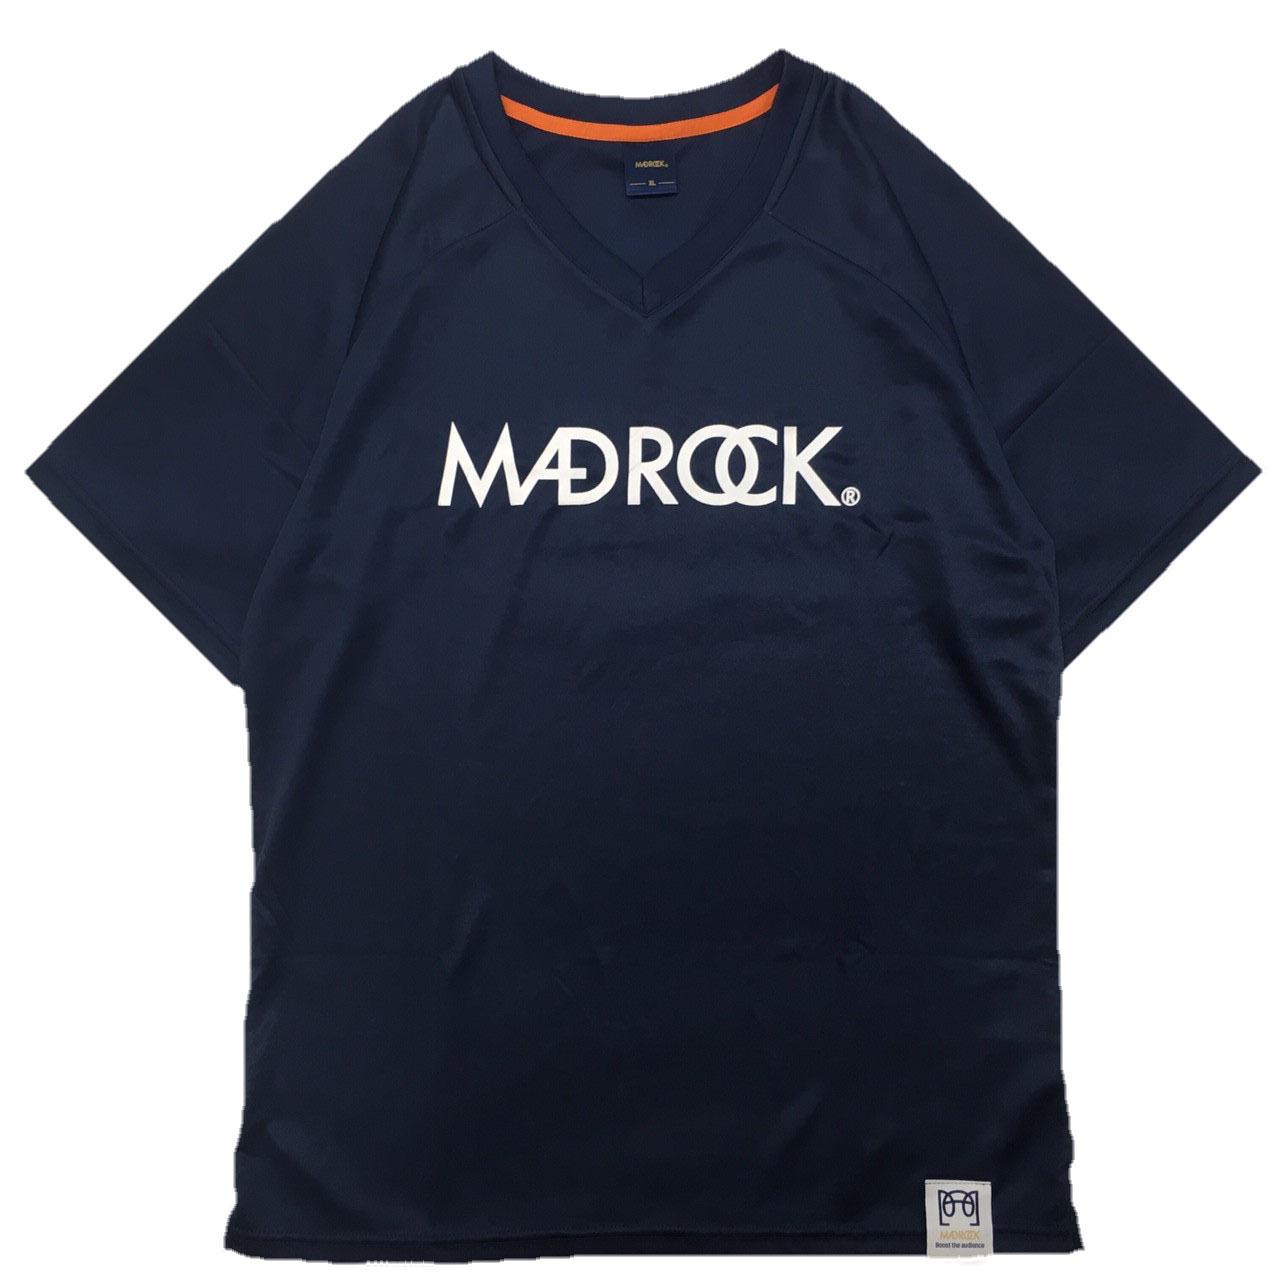 マッドロック / ベーシックトレーニングシャツ / ドライタイプ / ネイビー